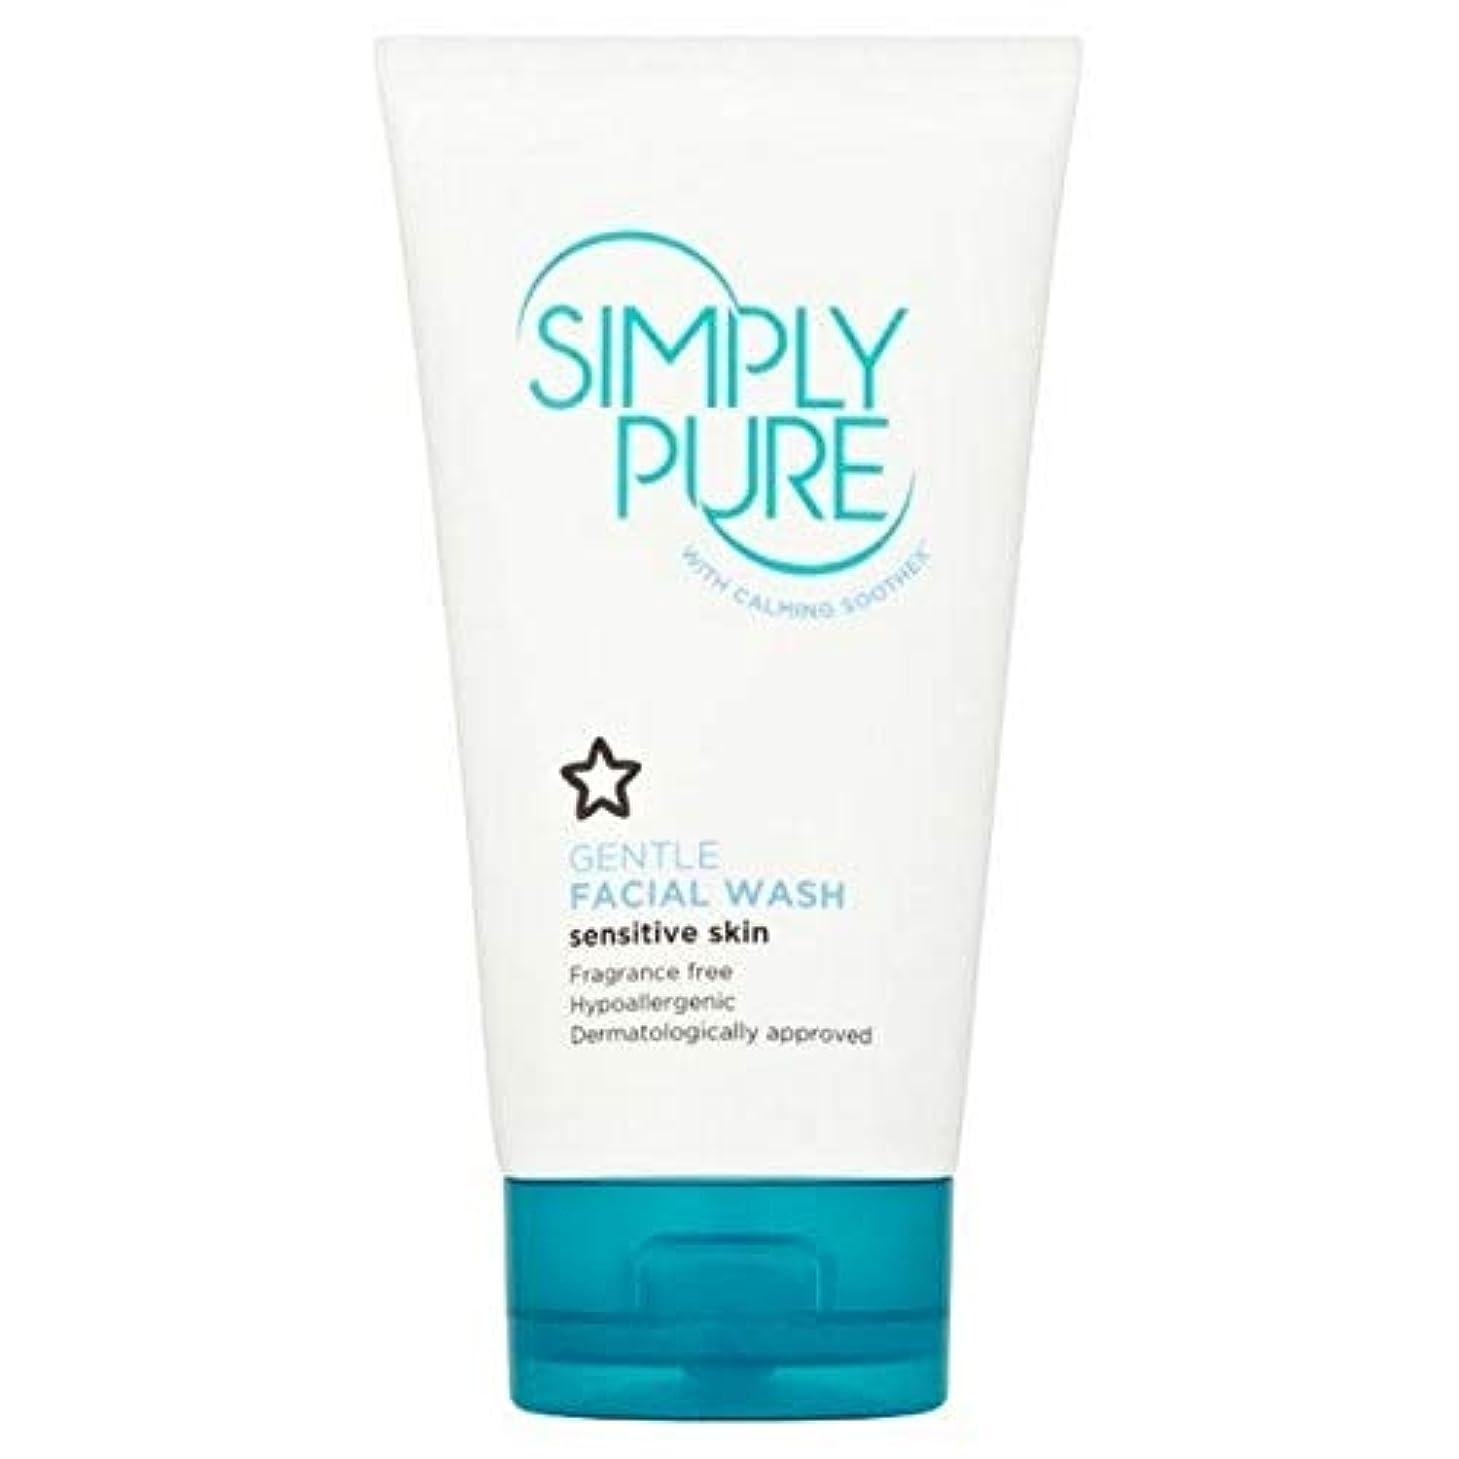 予算デイジー月曜日[Simply Pure] 単に純粋な洗顔の150ミリリットル - Simply Pure Face Wash 150ml [並行輸入品]